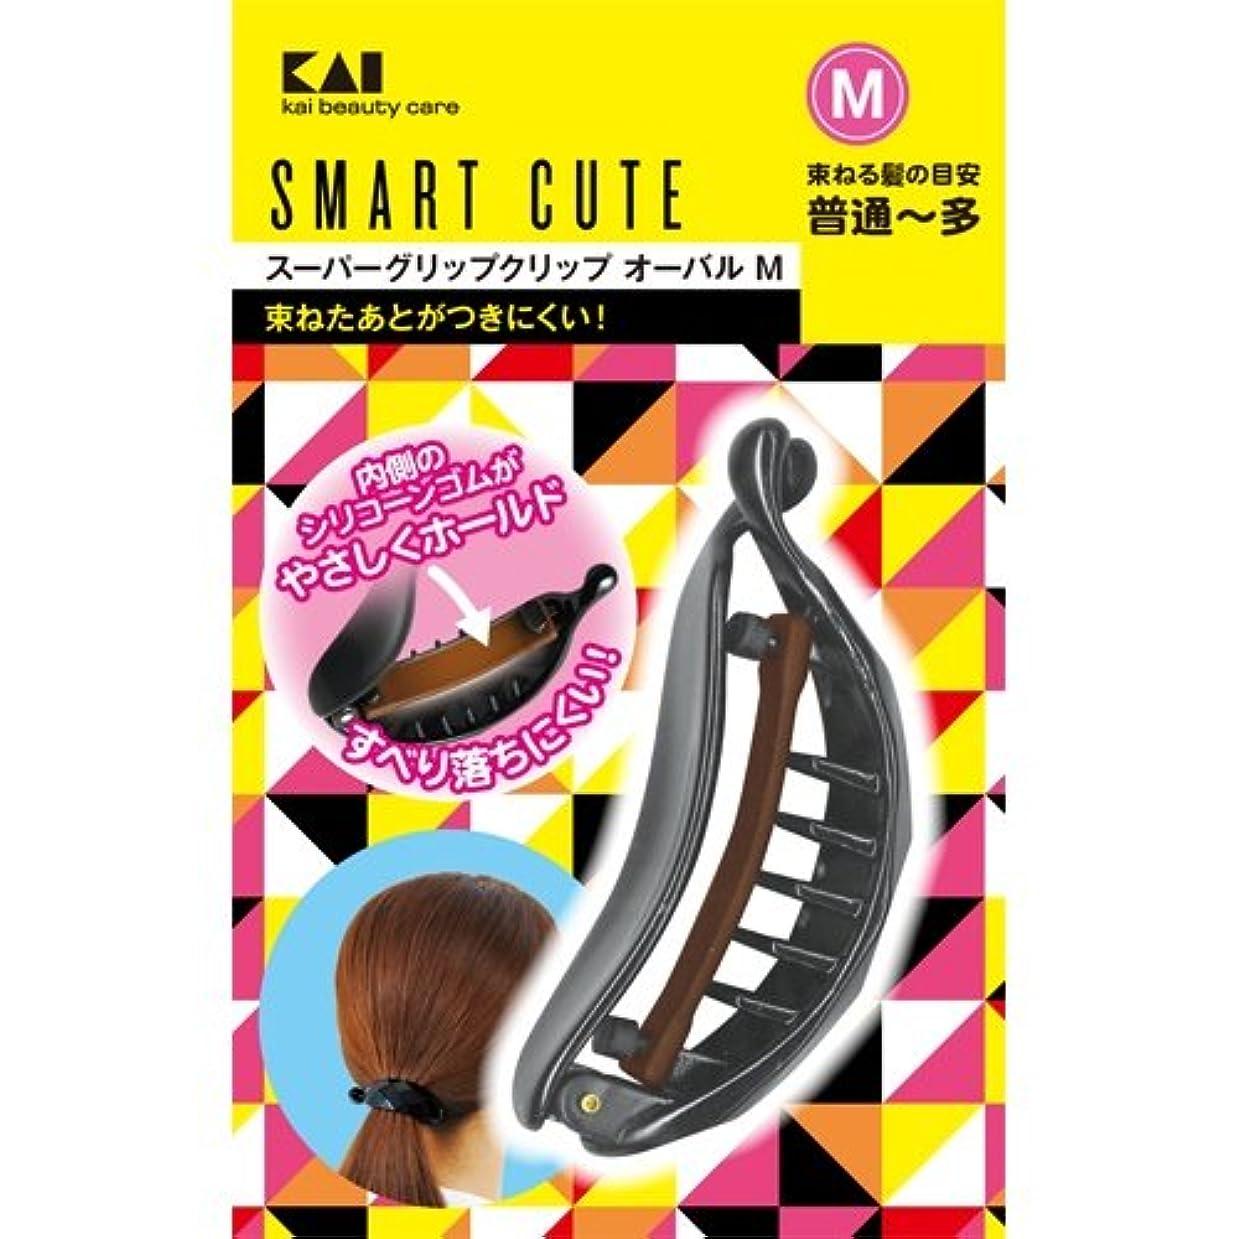 大使アンソロジー免疫スマートキュート(SmartCute)スーパーグリップクリップオーバルМ HC3307